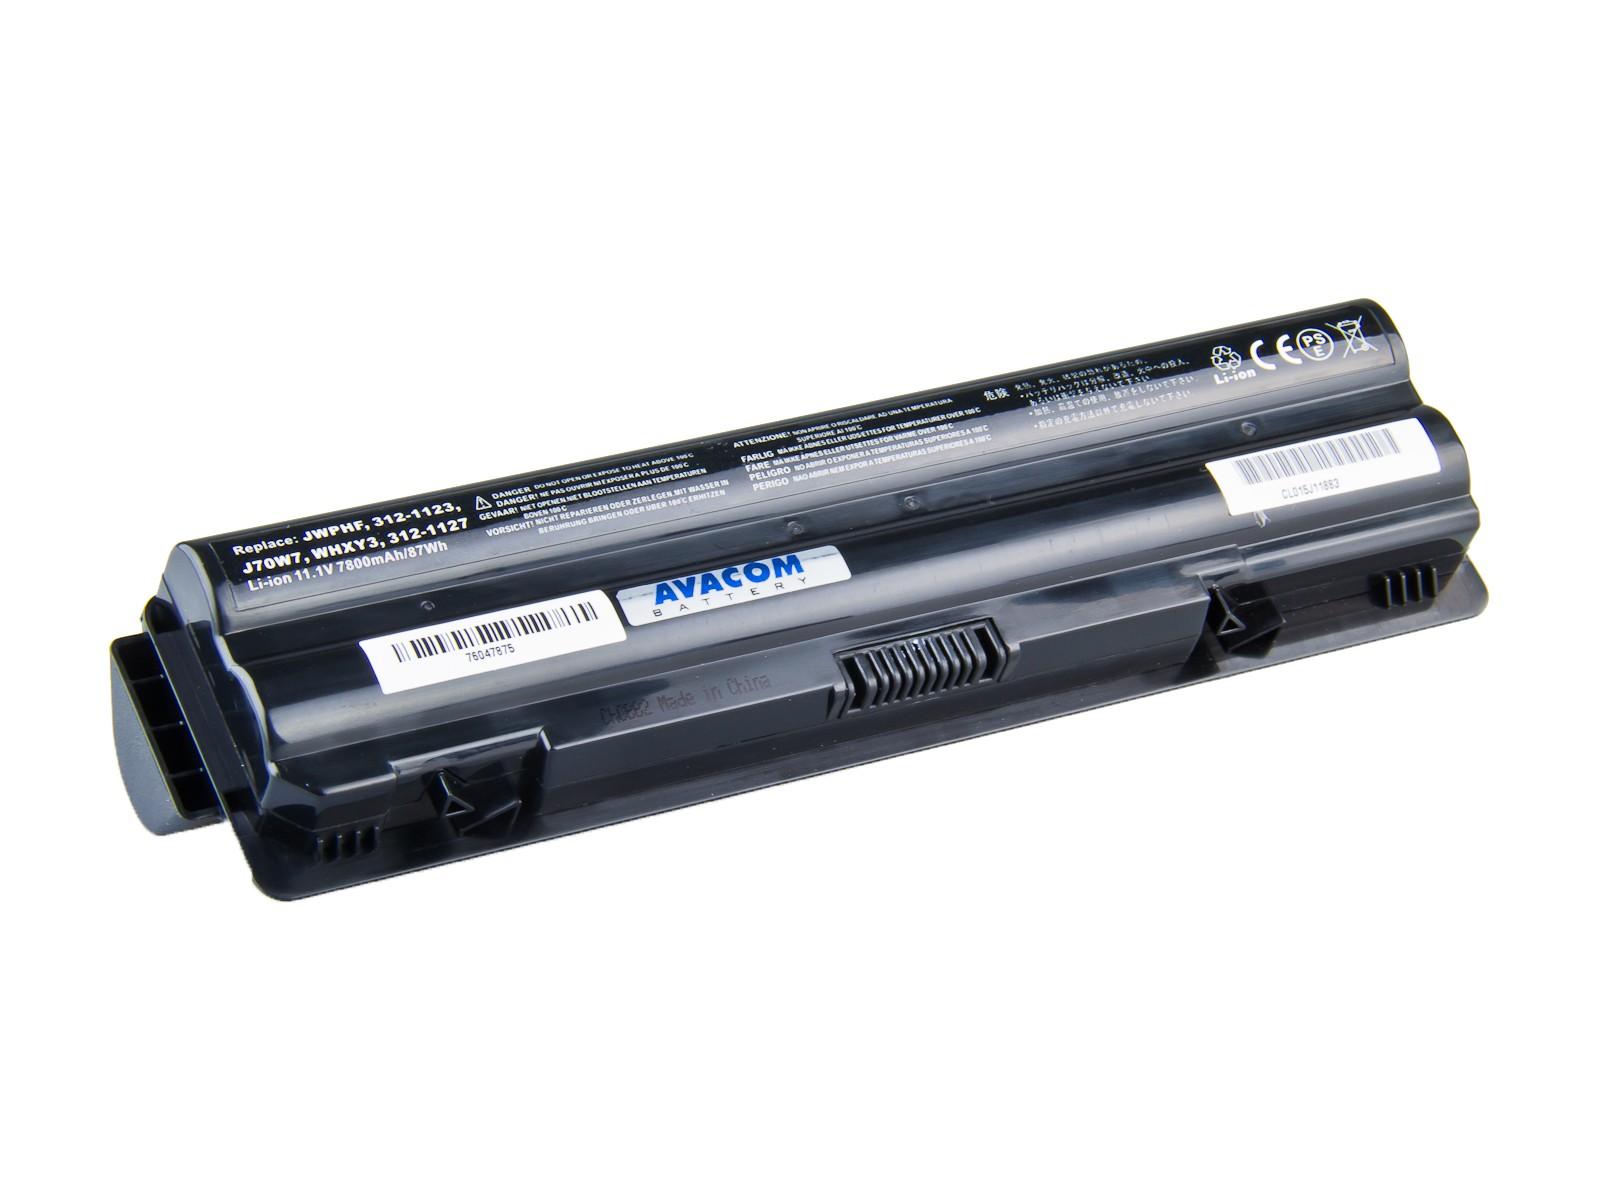 Baterie AVACOM NODE-XPLH-806 pro Dell XPS 14/15/17 Li-Ion 11,1V 7800mAh/87Wh